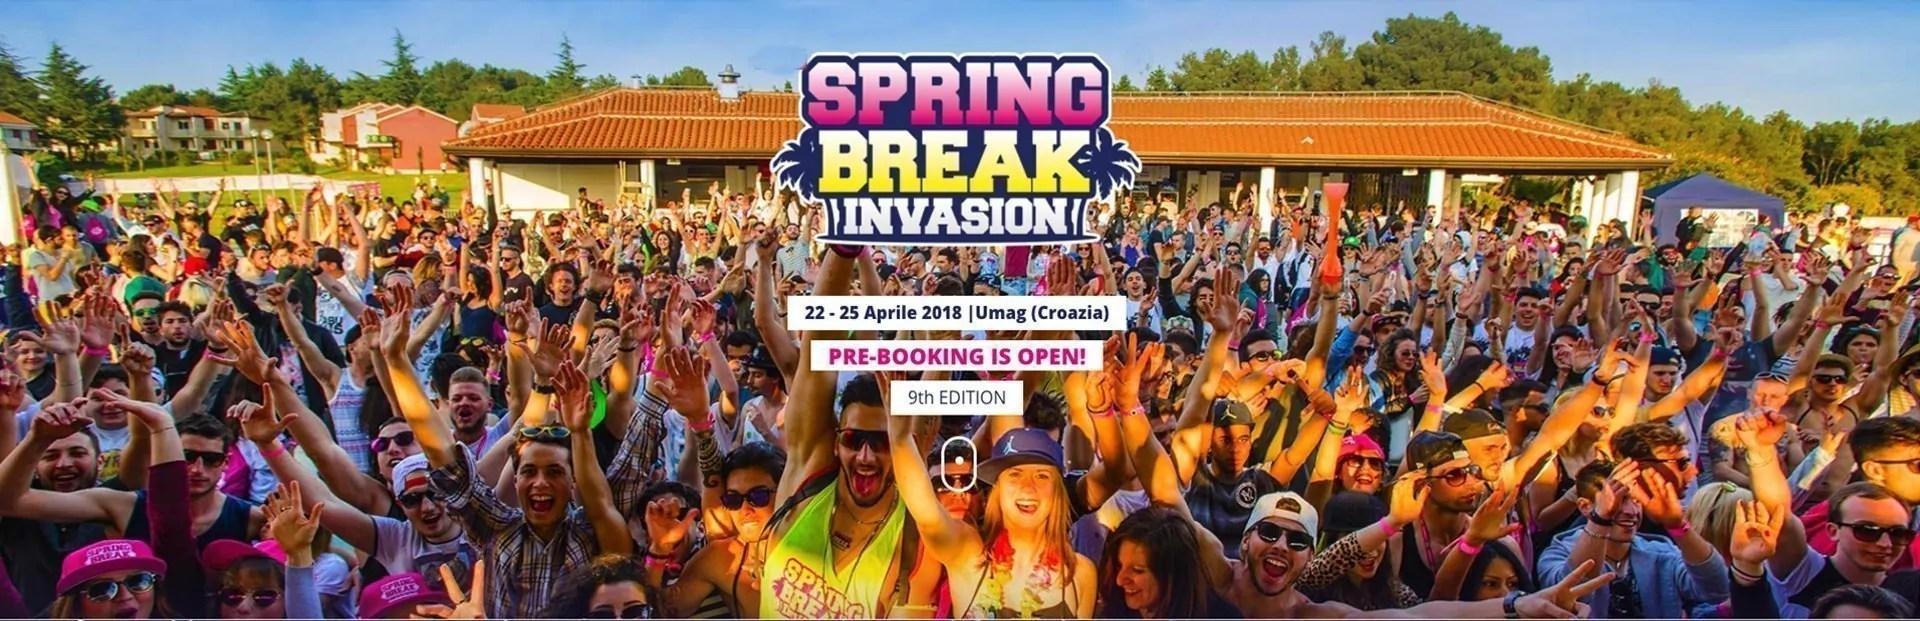 Spring Break Invasion 2018, 22 – 25 Aprile – Umag Croazia